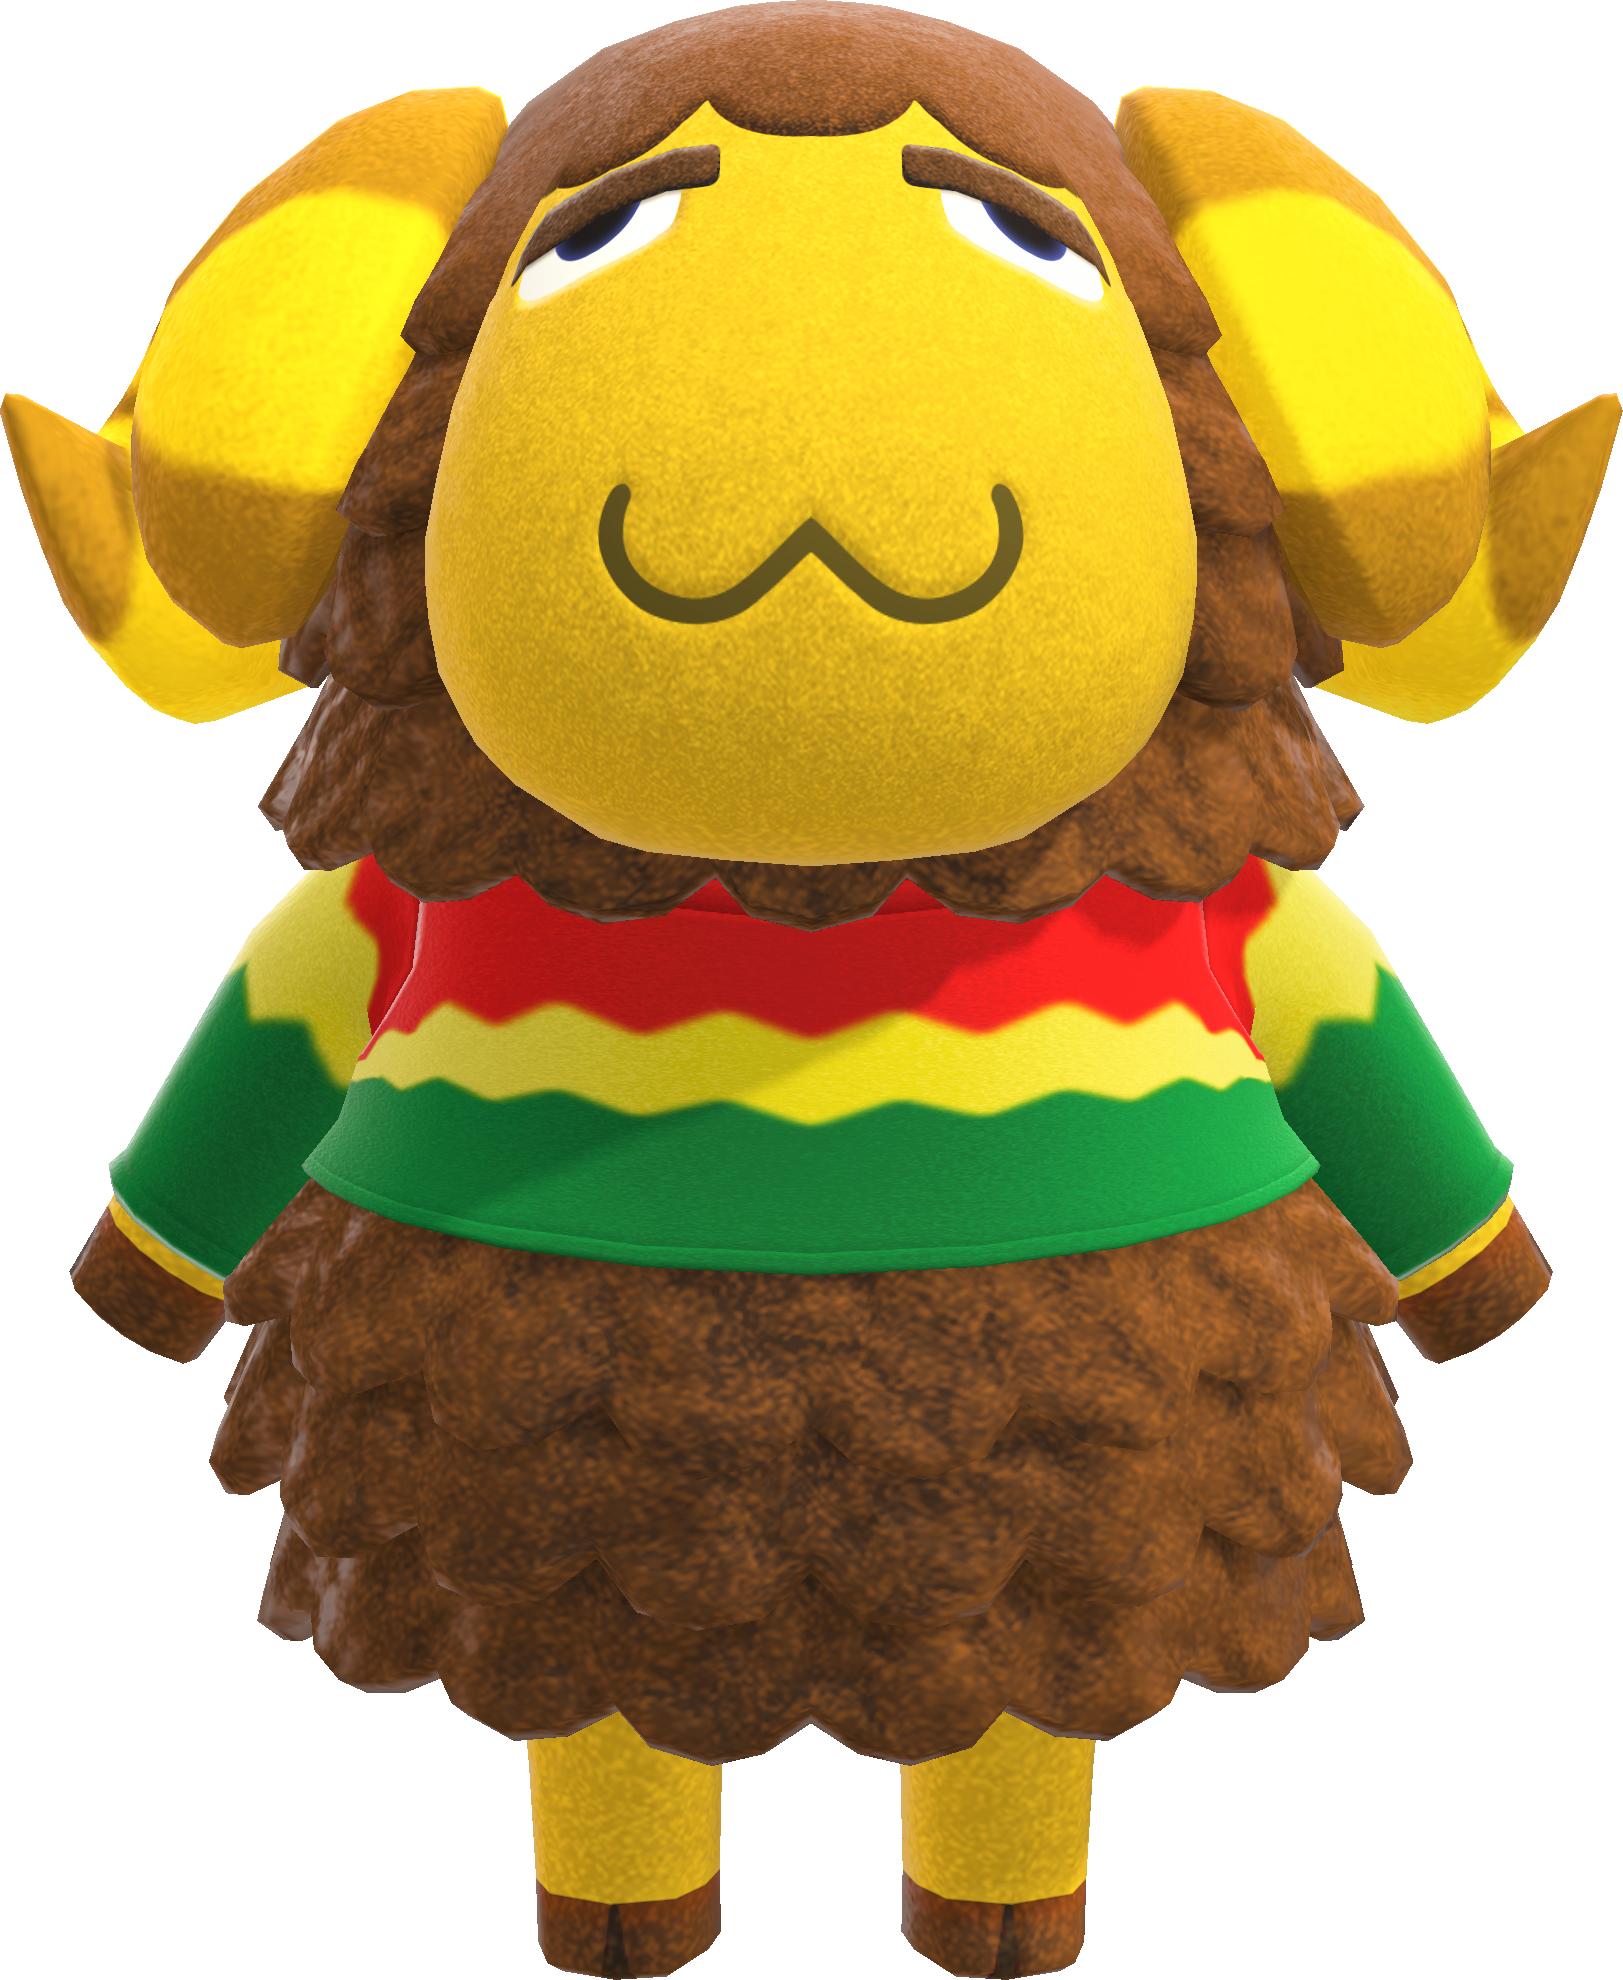 Curlos Animal Crossing Wiki Nookipedia